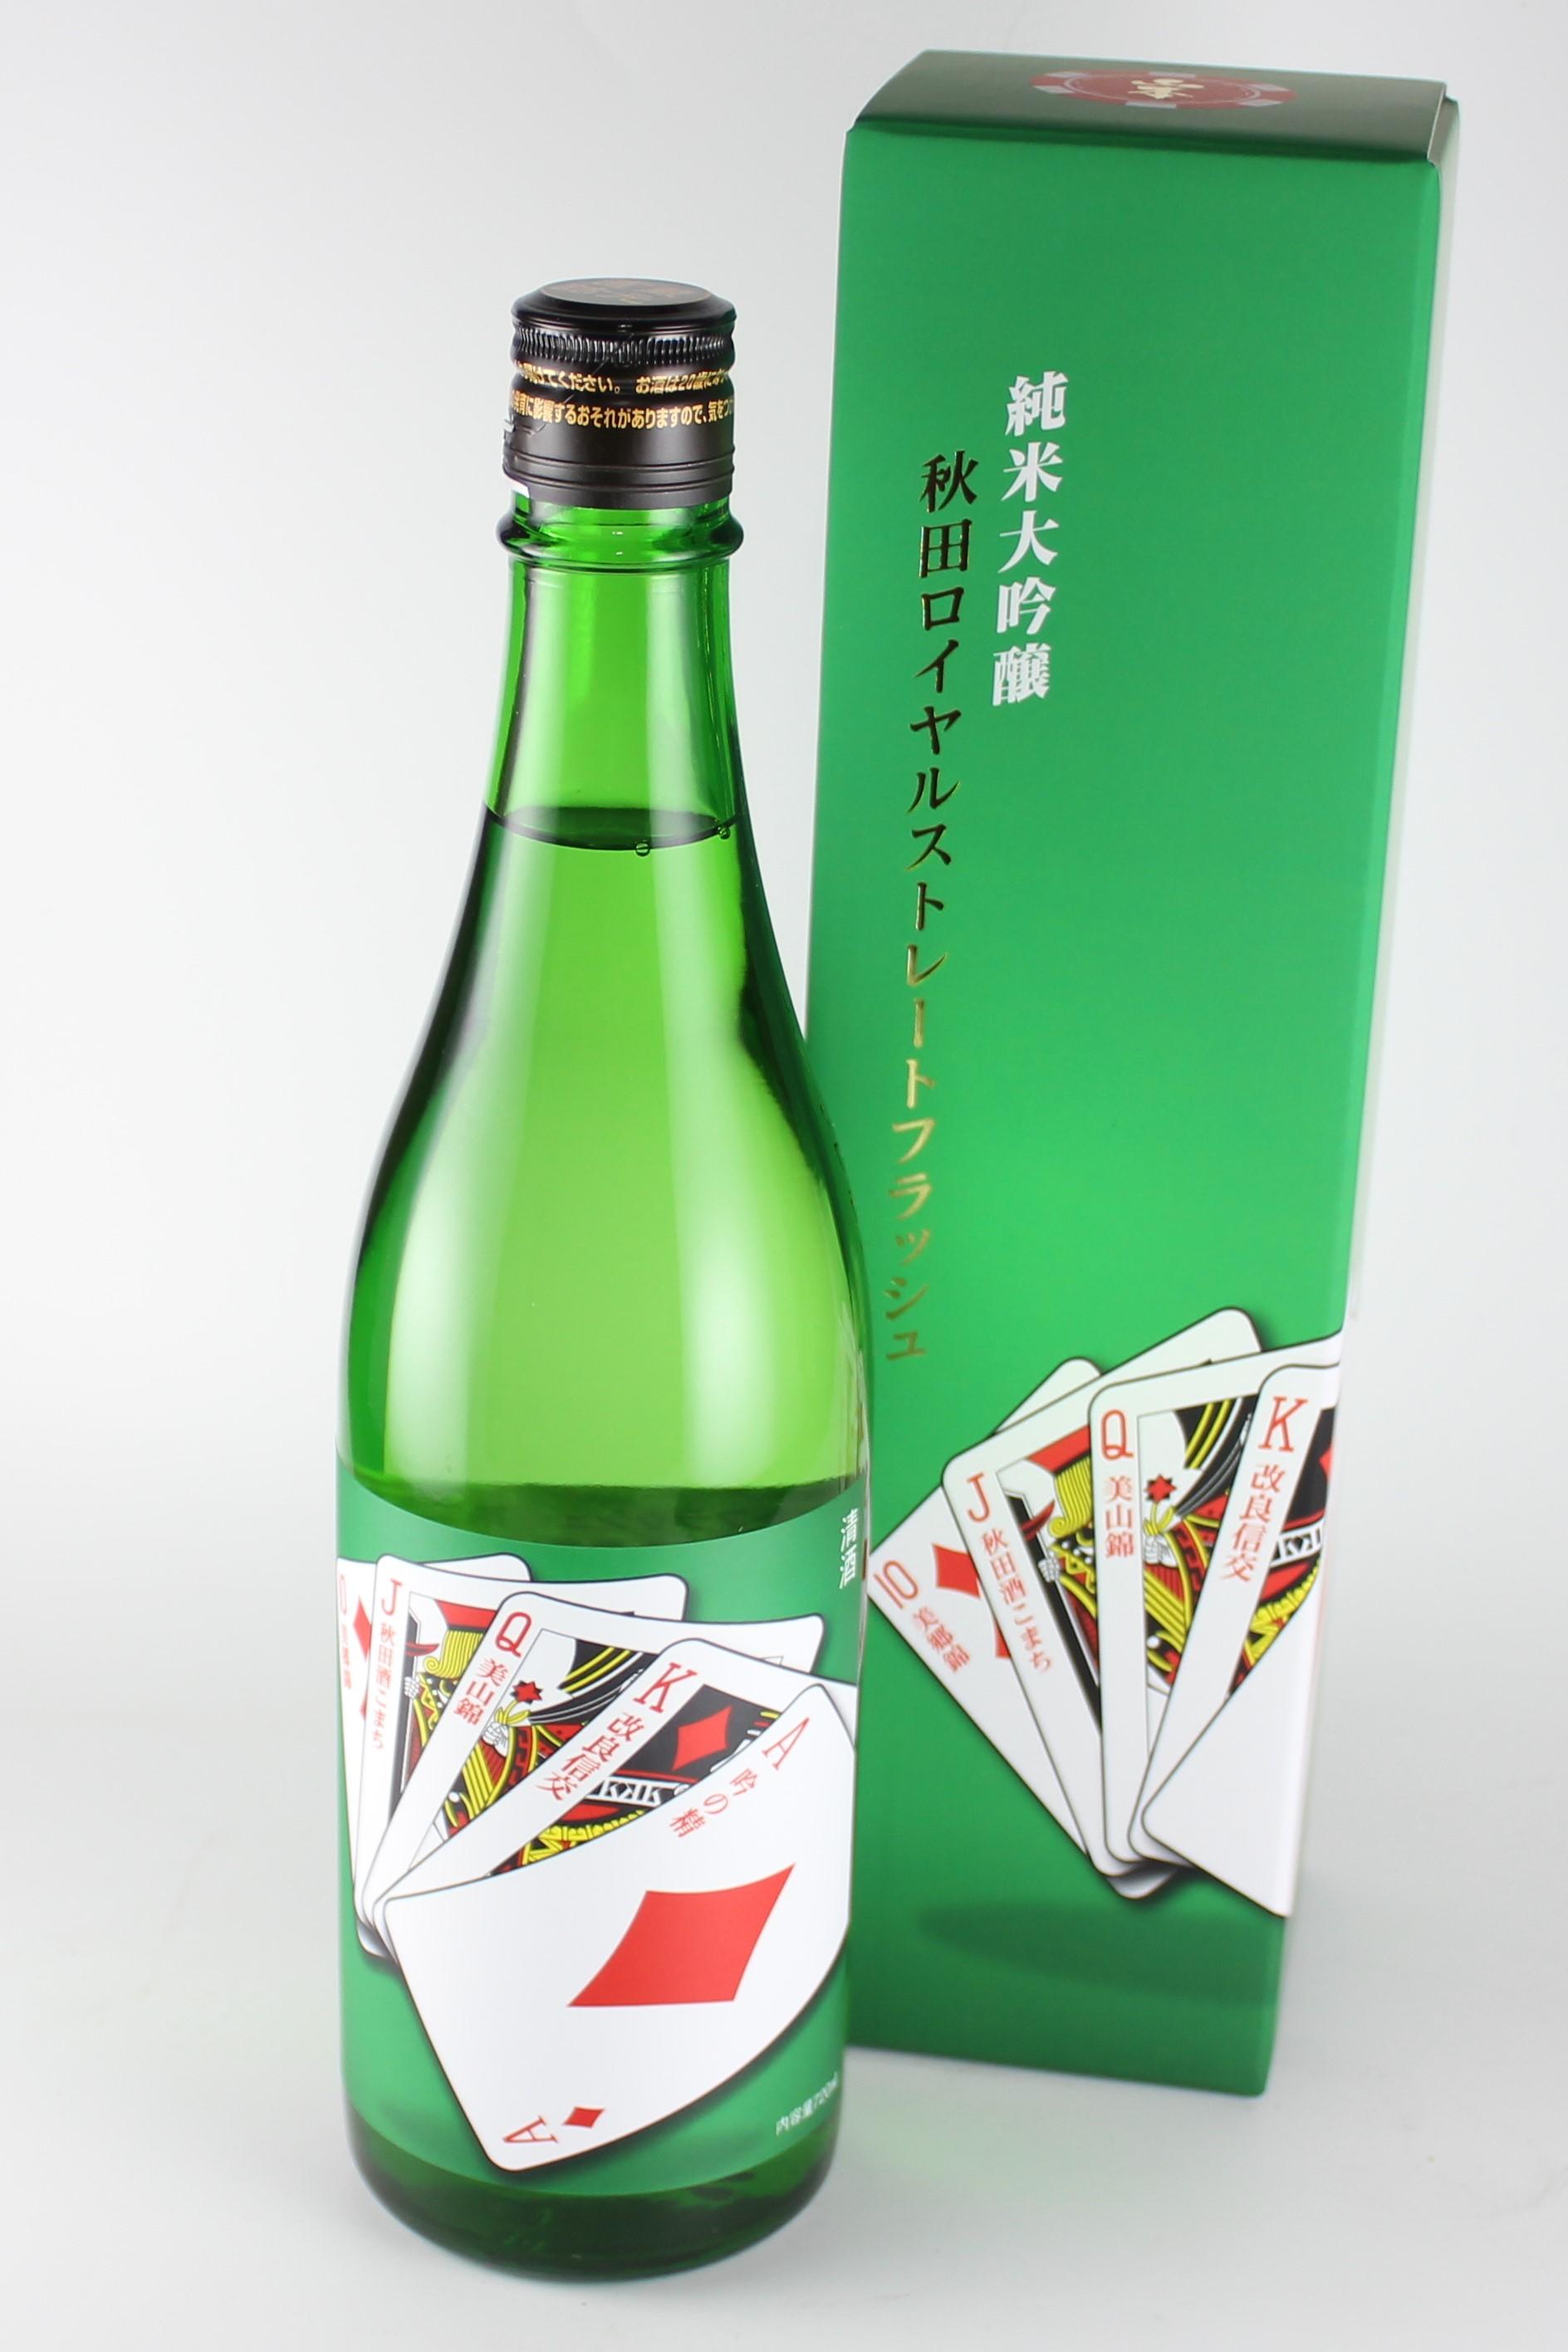 山本 ロイヤルストレートフラッシュ 純米大吟醸 720ml 【秋田/山本合名】